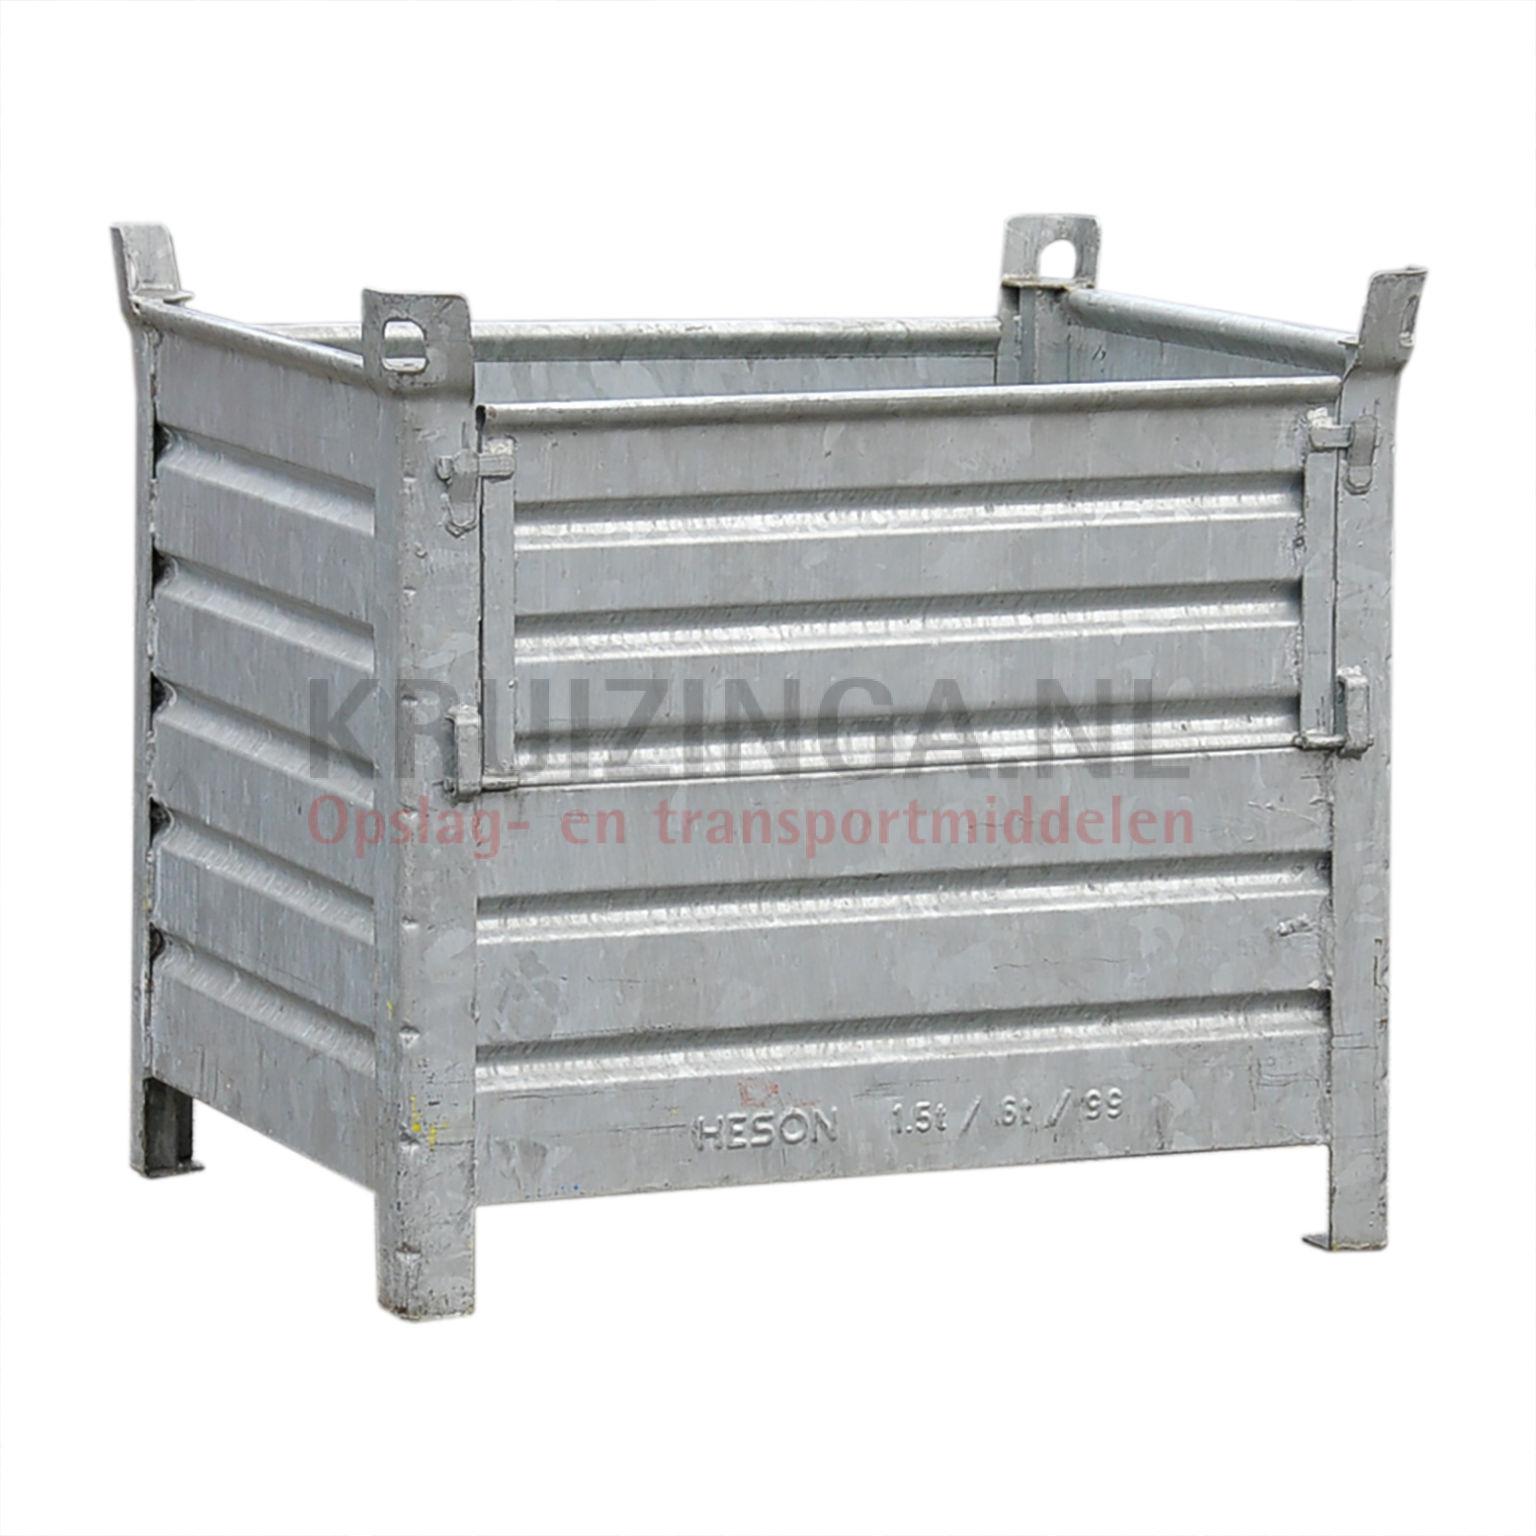 bac de rangement acier construction robuste bac empilable 1 clapet sur 2 c t s longue occasion. Black Bedroom Furniture Sets. Home Design Ideas